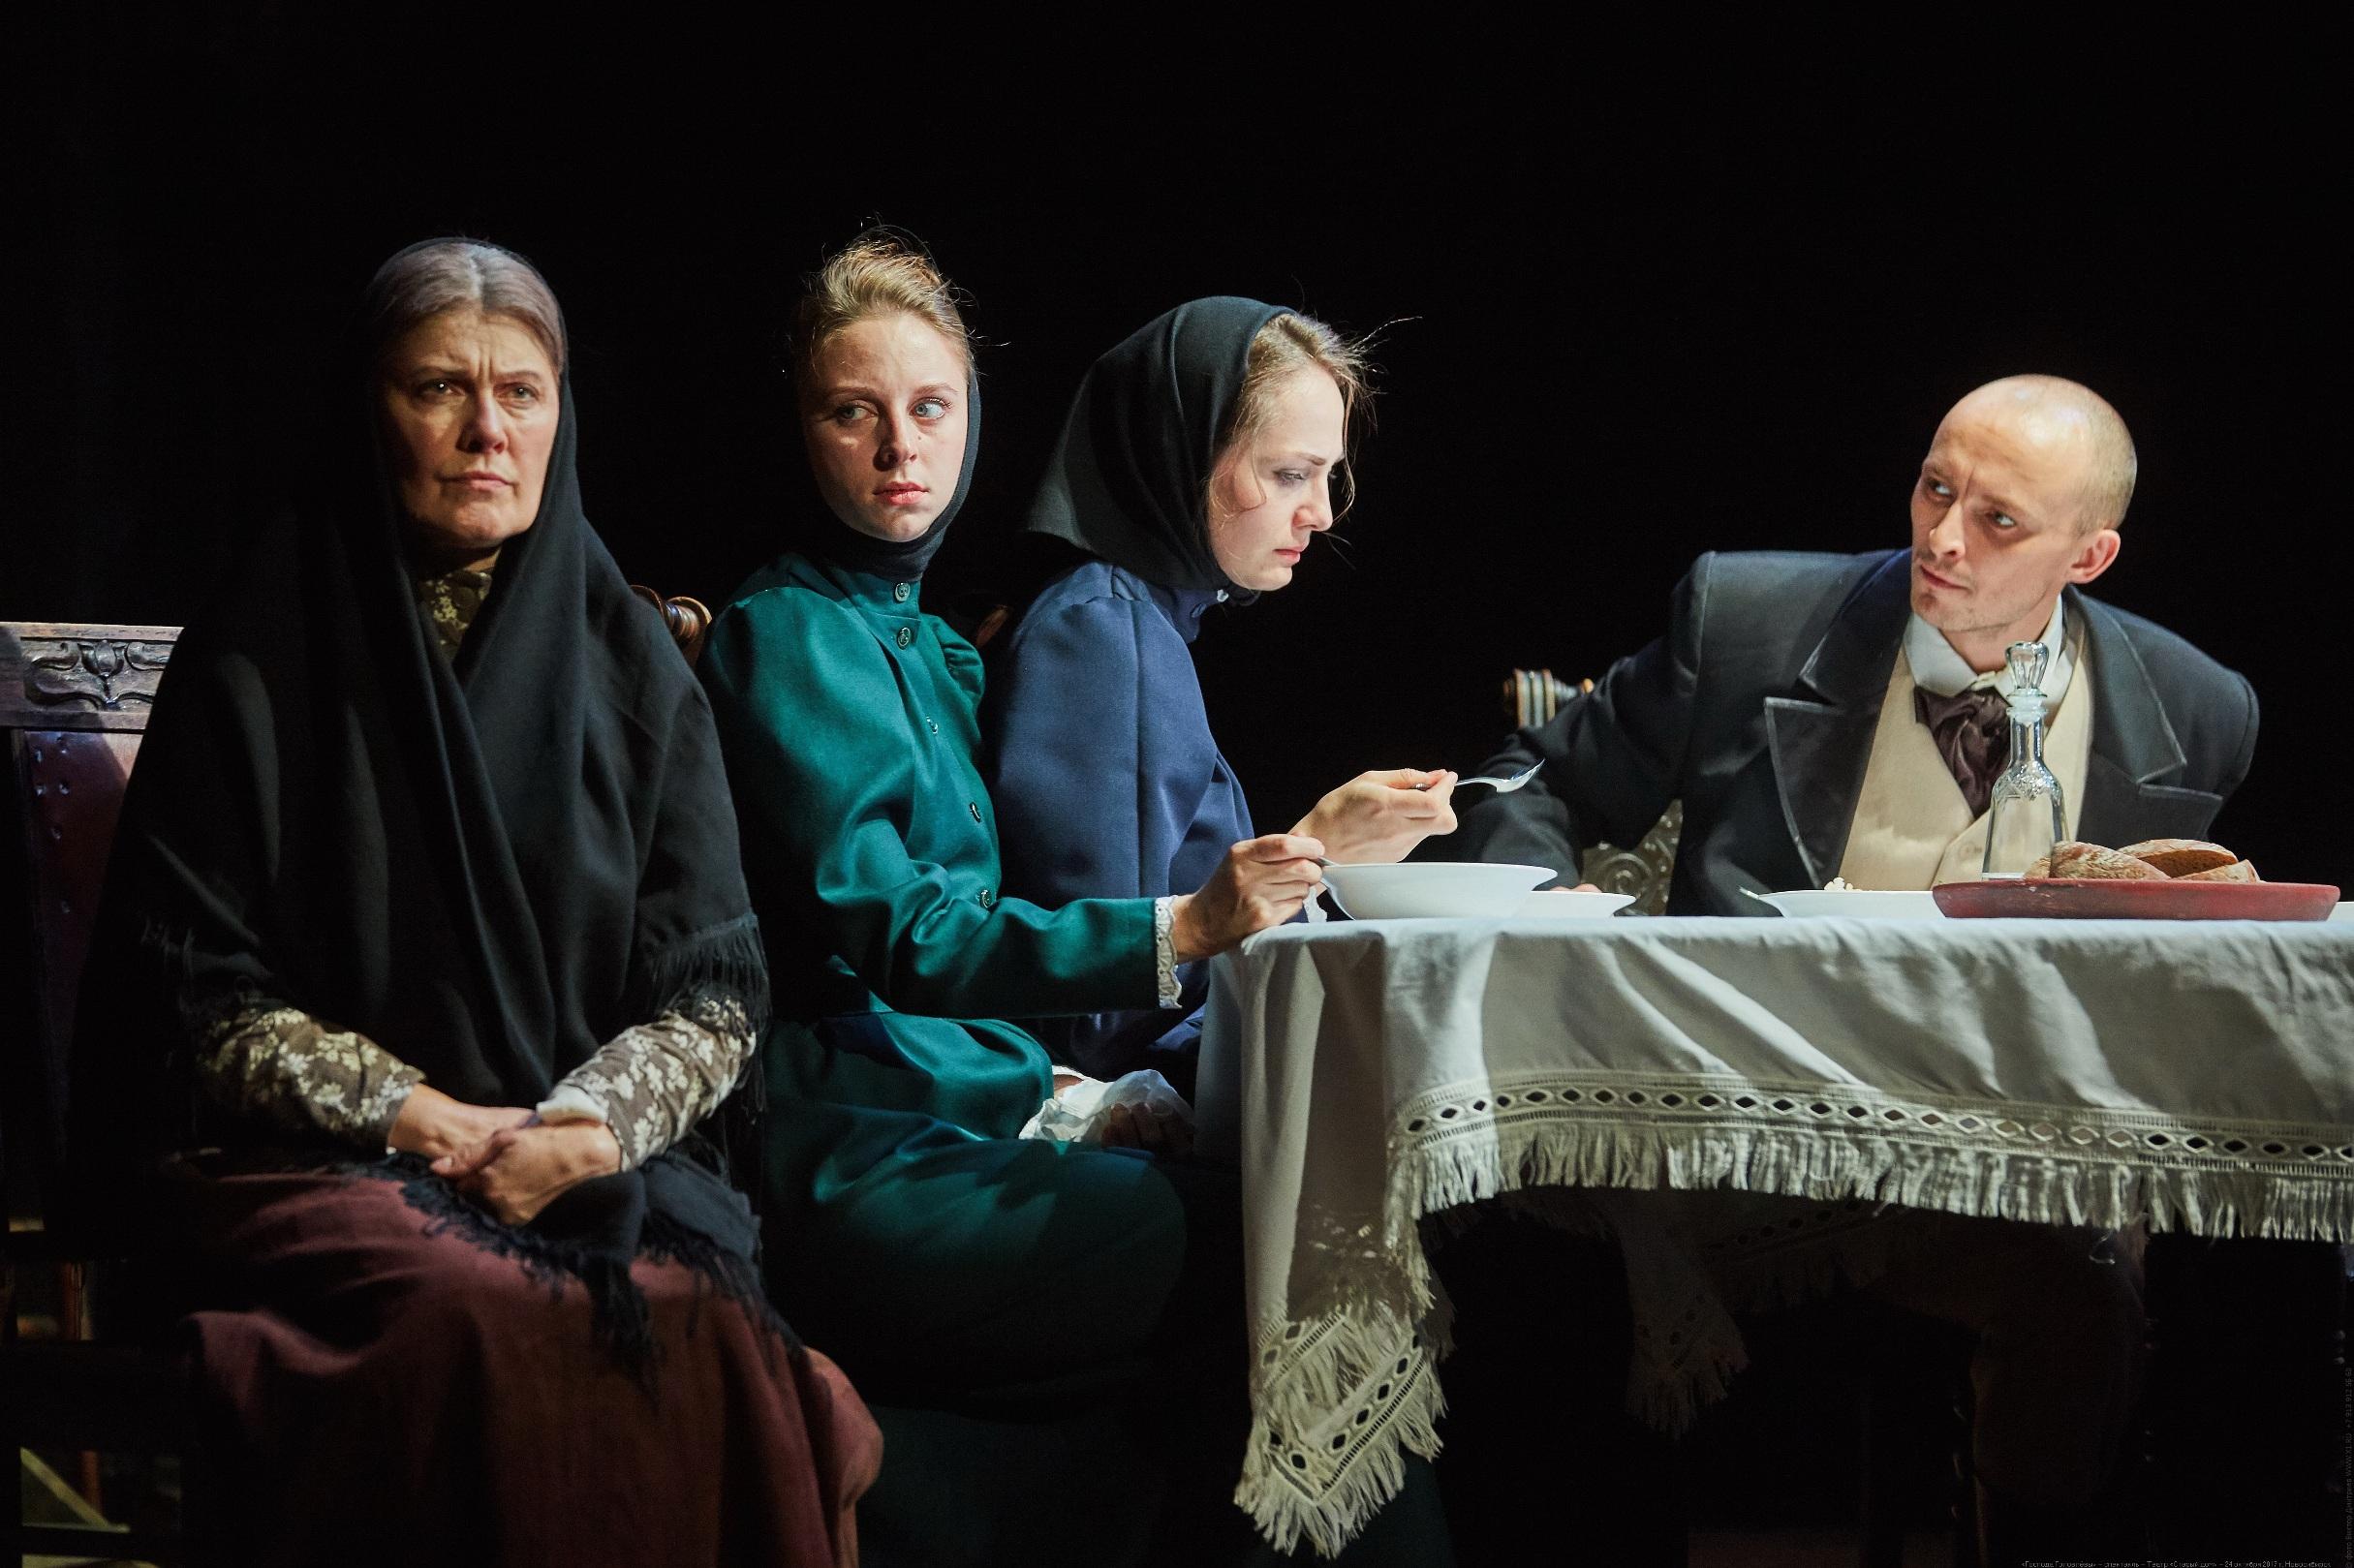 Театр «Старый дом» представил спектакль «ГОЛОВЛЁВЫ» на театральном фестивале им. В.С. Золотухина